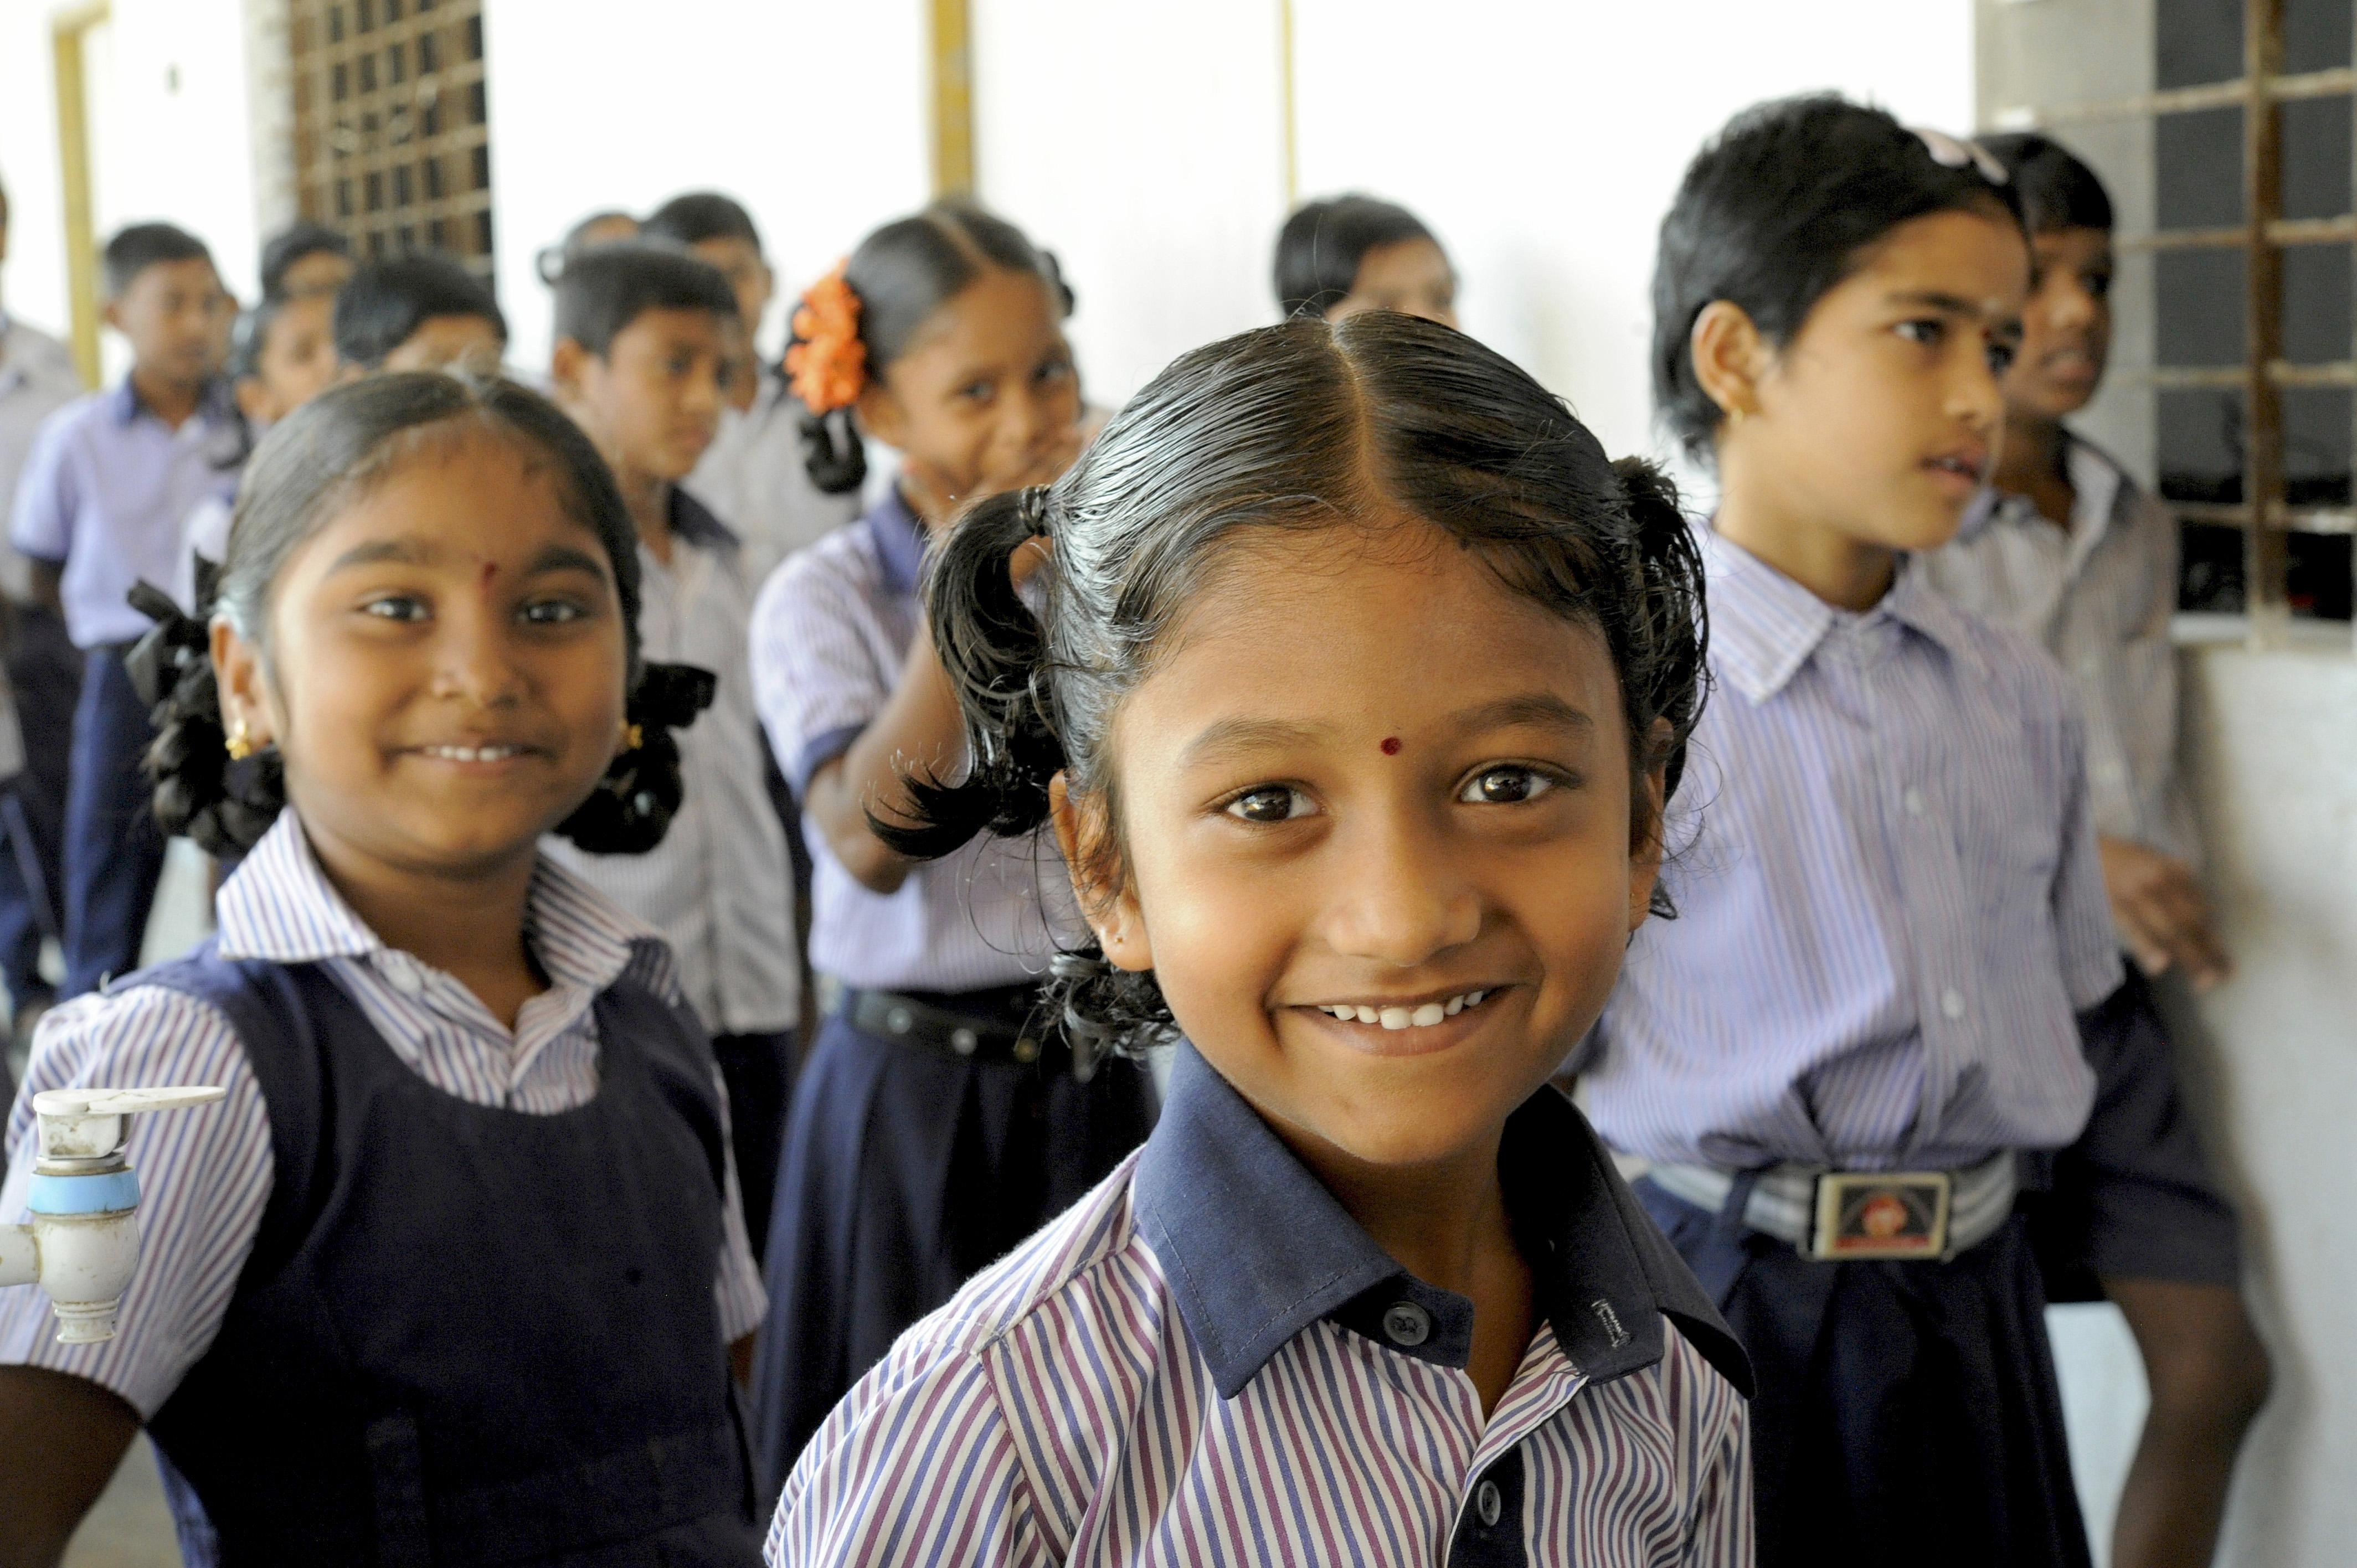 Im Rahmen von AIDA Cruise & Help werden zwei Vorschulen in Tuksono Village/Indonesien gebaut, die über eine Stromversorgung sowie Sanitäranlagen verfügen werden.